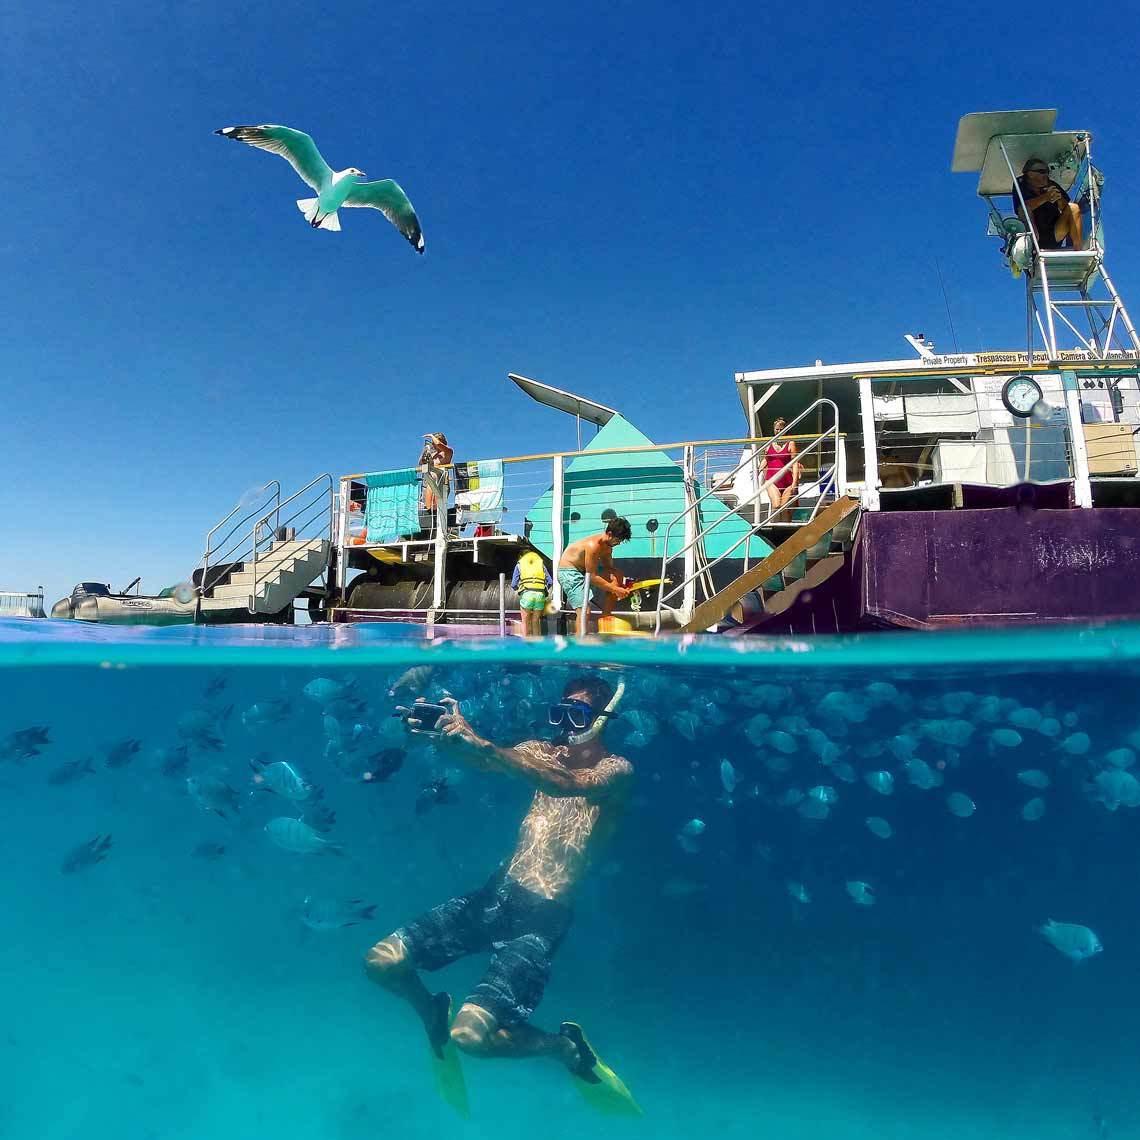 世界最佳旅地!澳洲「大堡礁」狠壓25國 奪得冠軍 | 旅遊 | 聯合新聞網